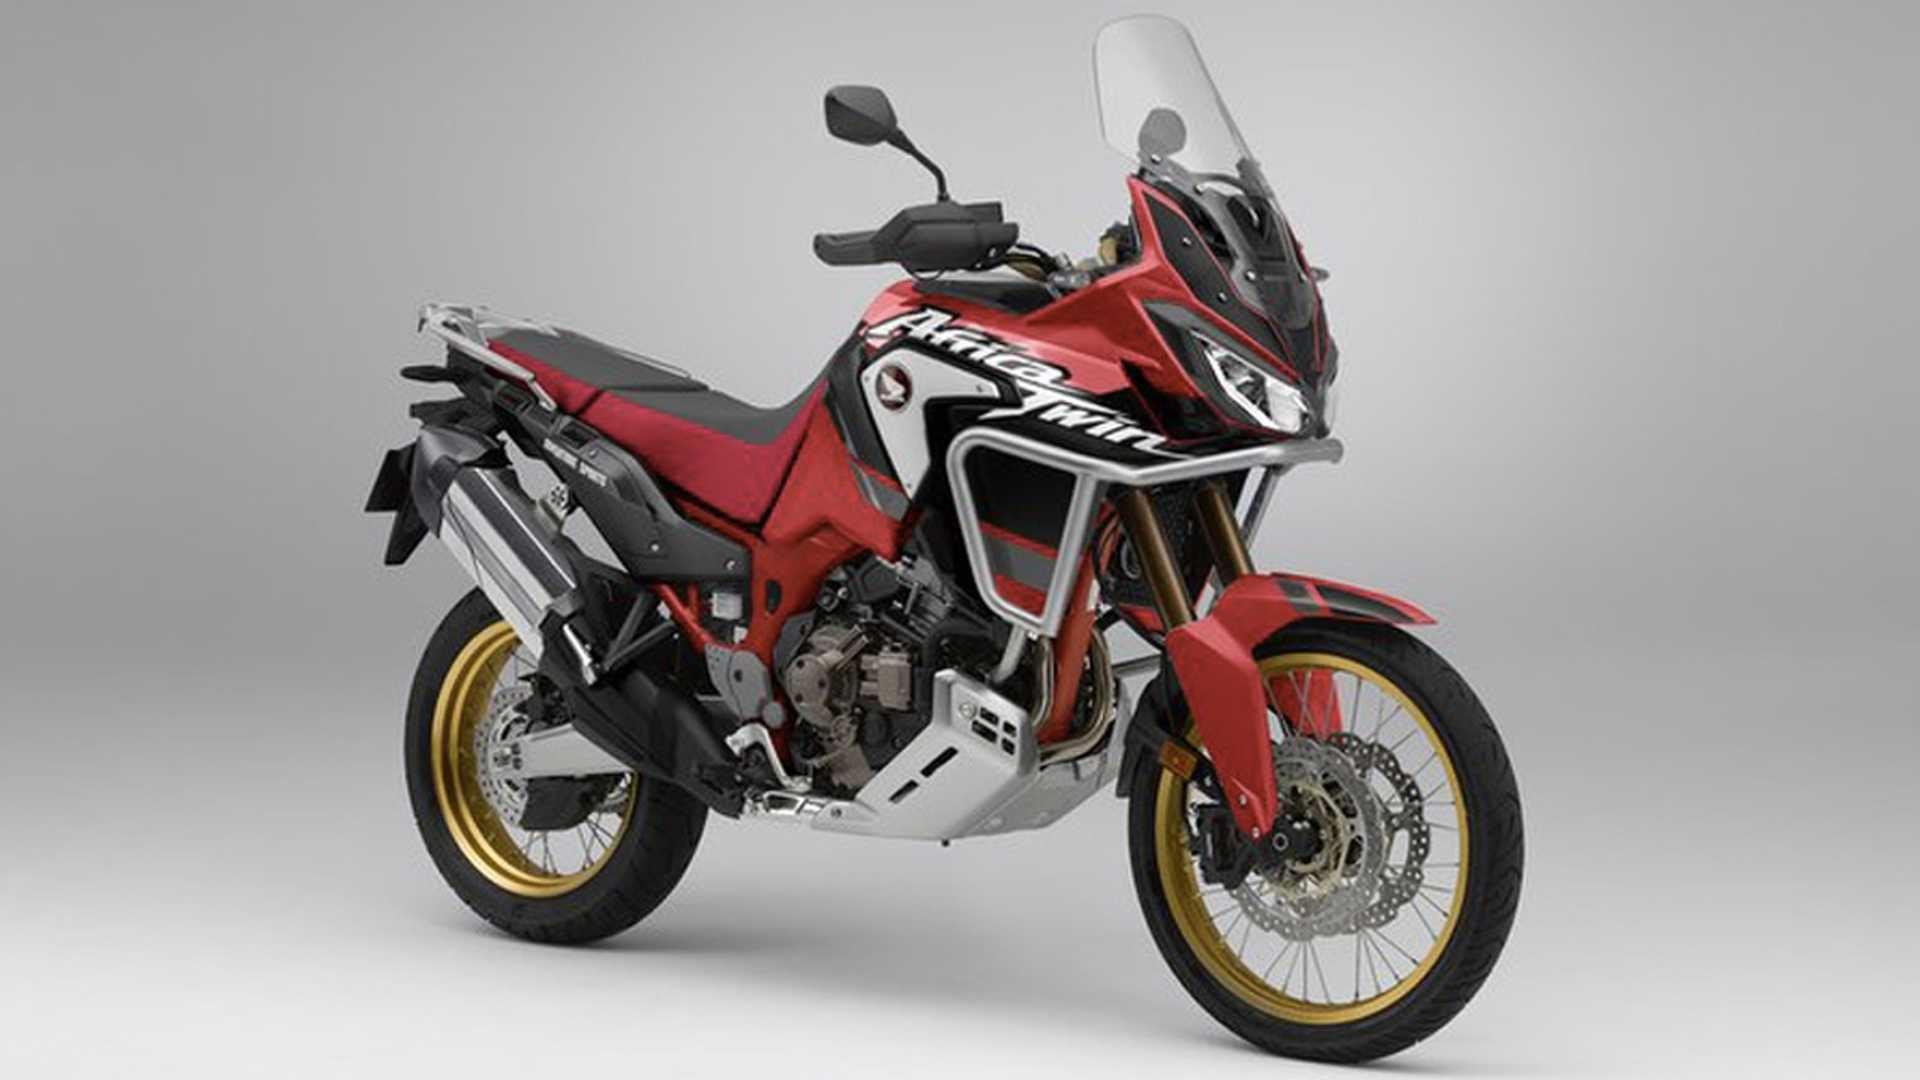 Conhecidos Os Primeiros Dados Oficiais Da Nova Honda Africa Twin Para 2020 Motonews Andar De Moto Brasil